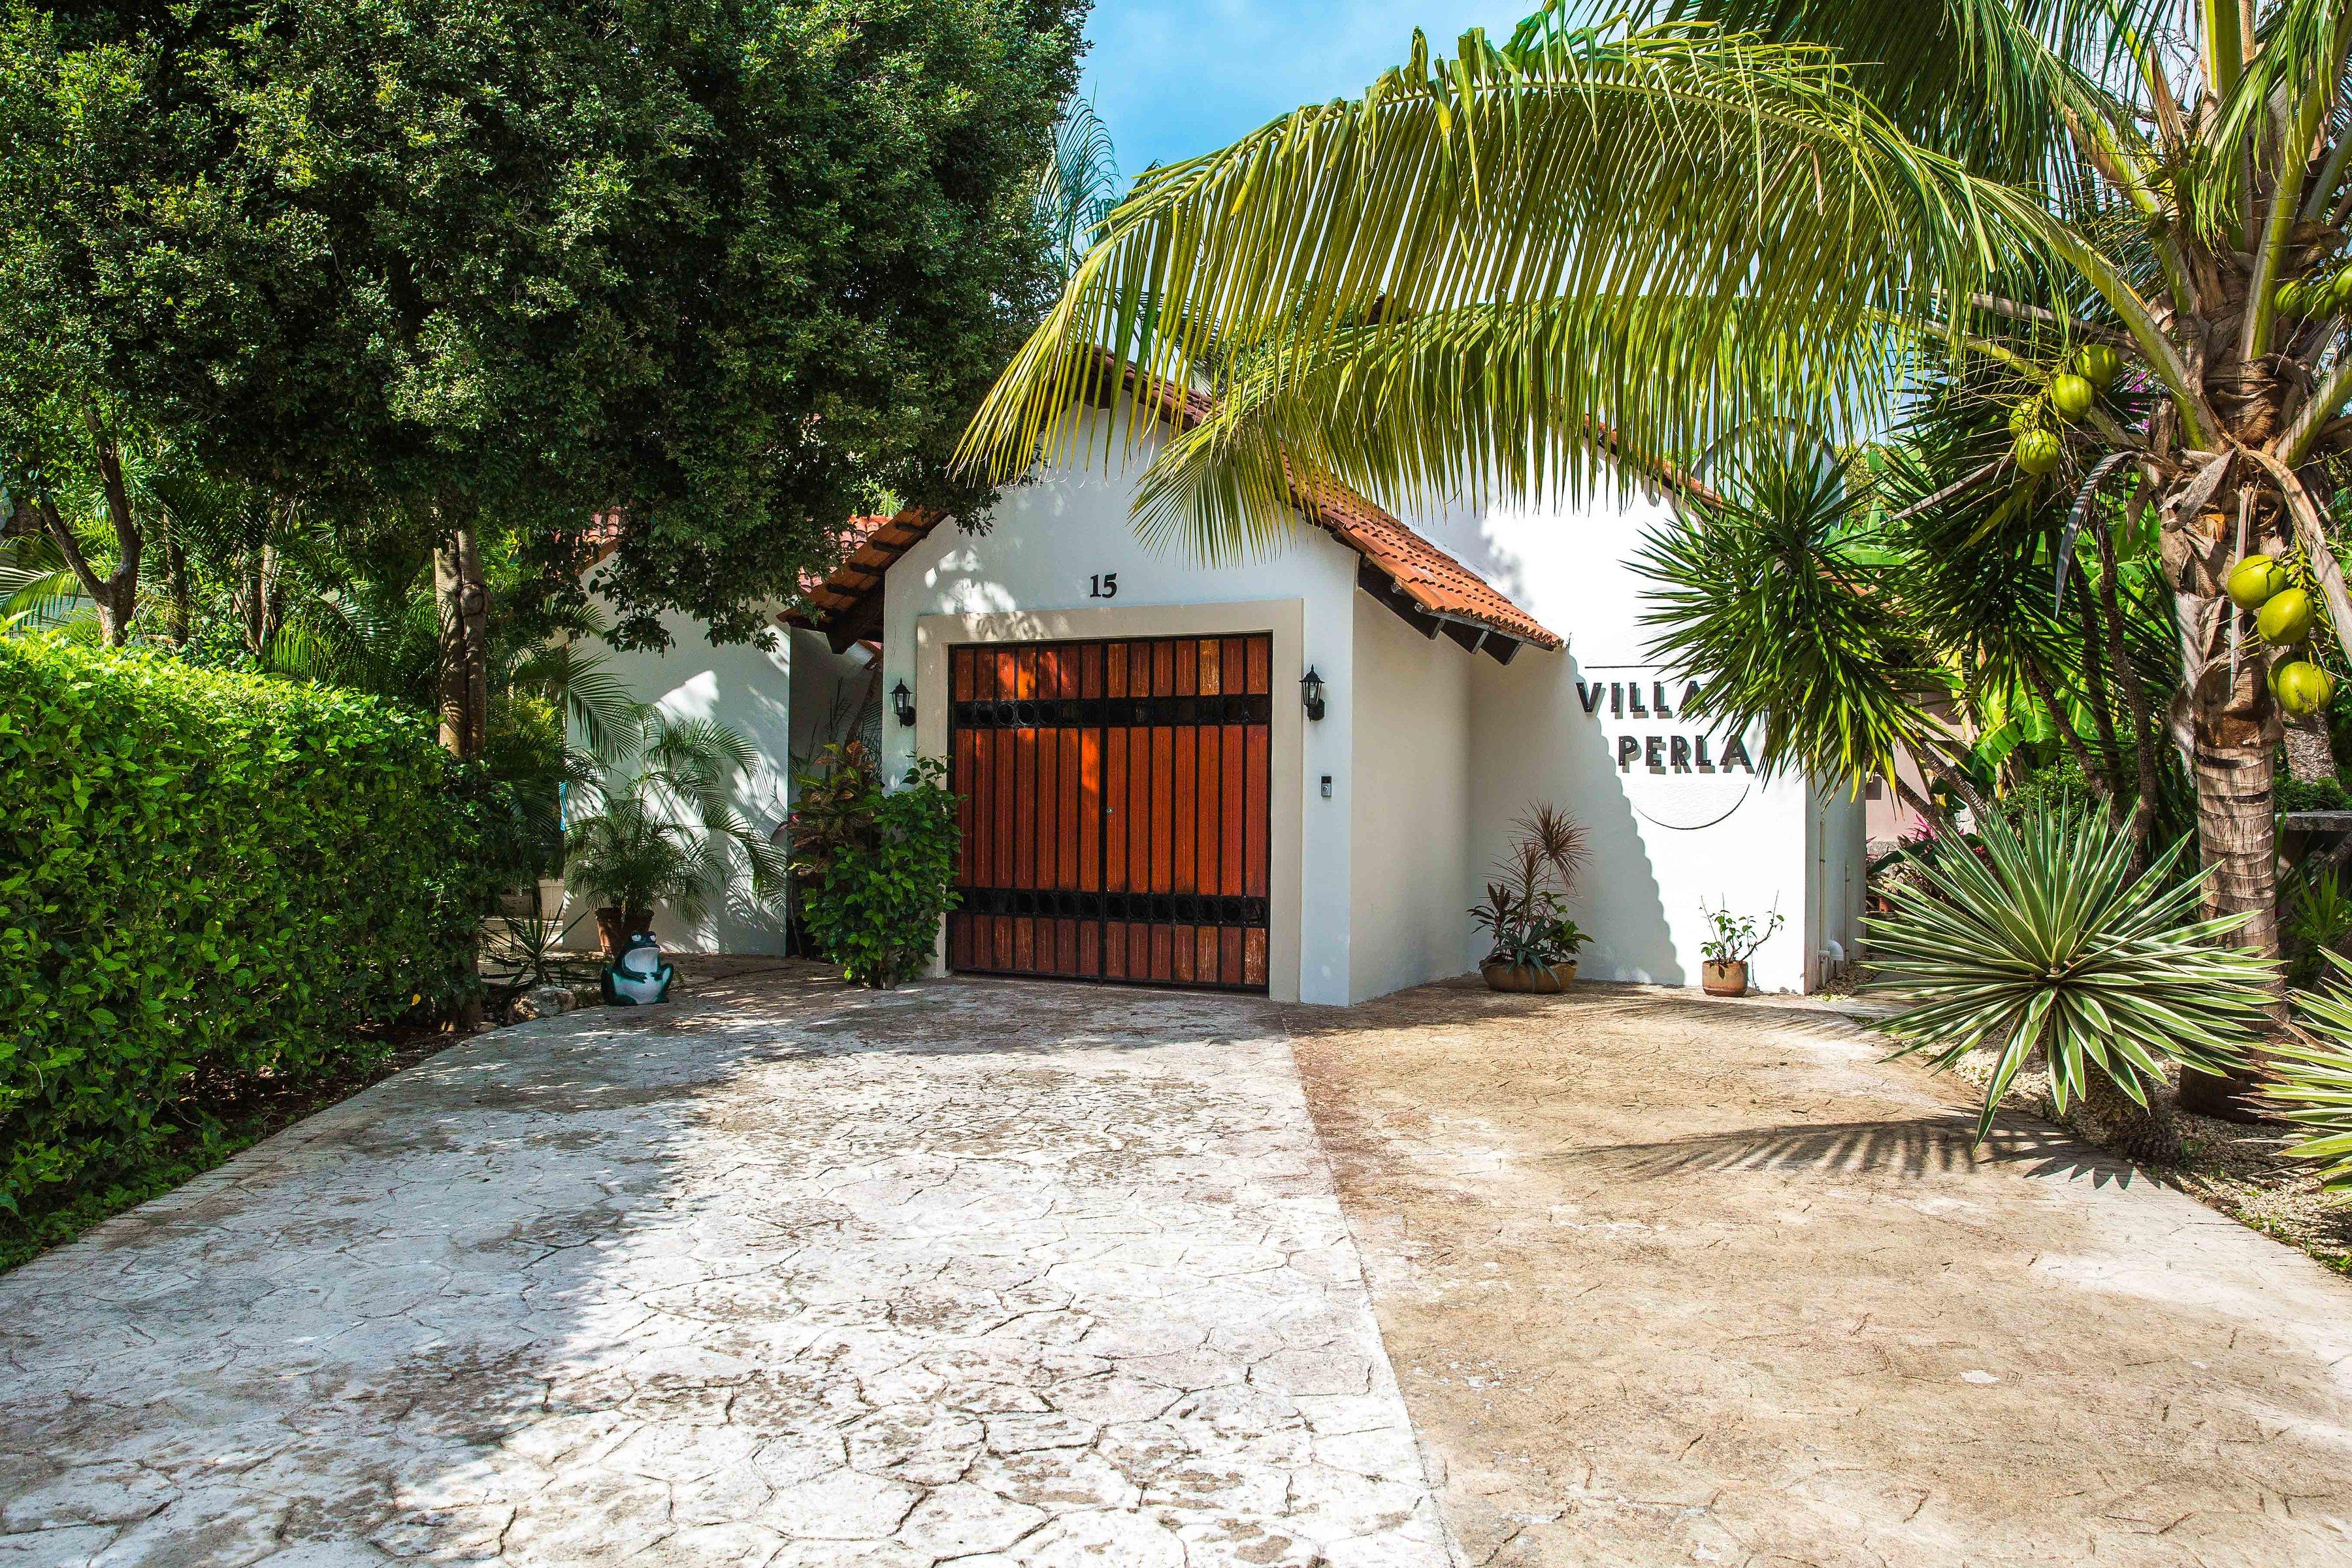 Villa Perla Driveway